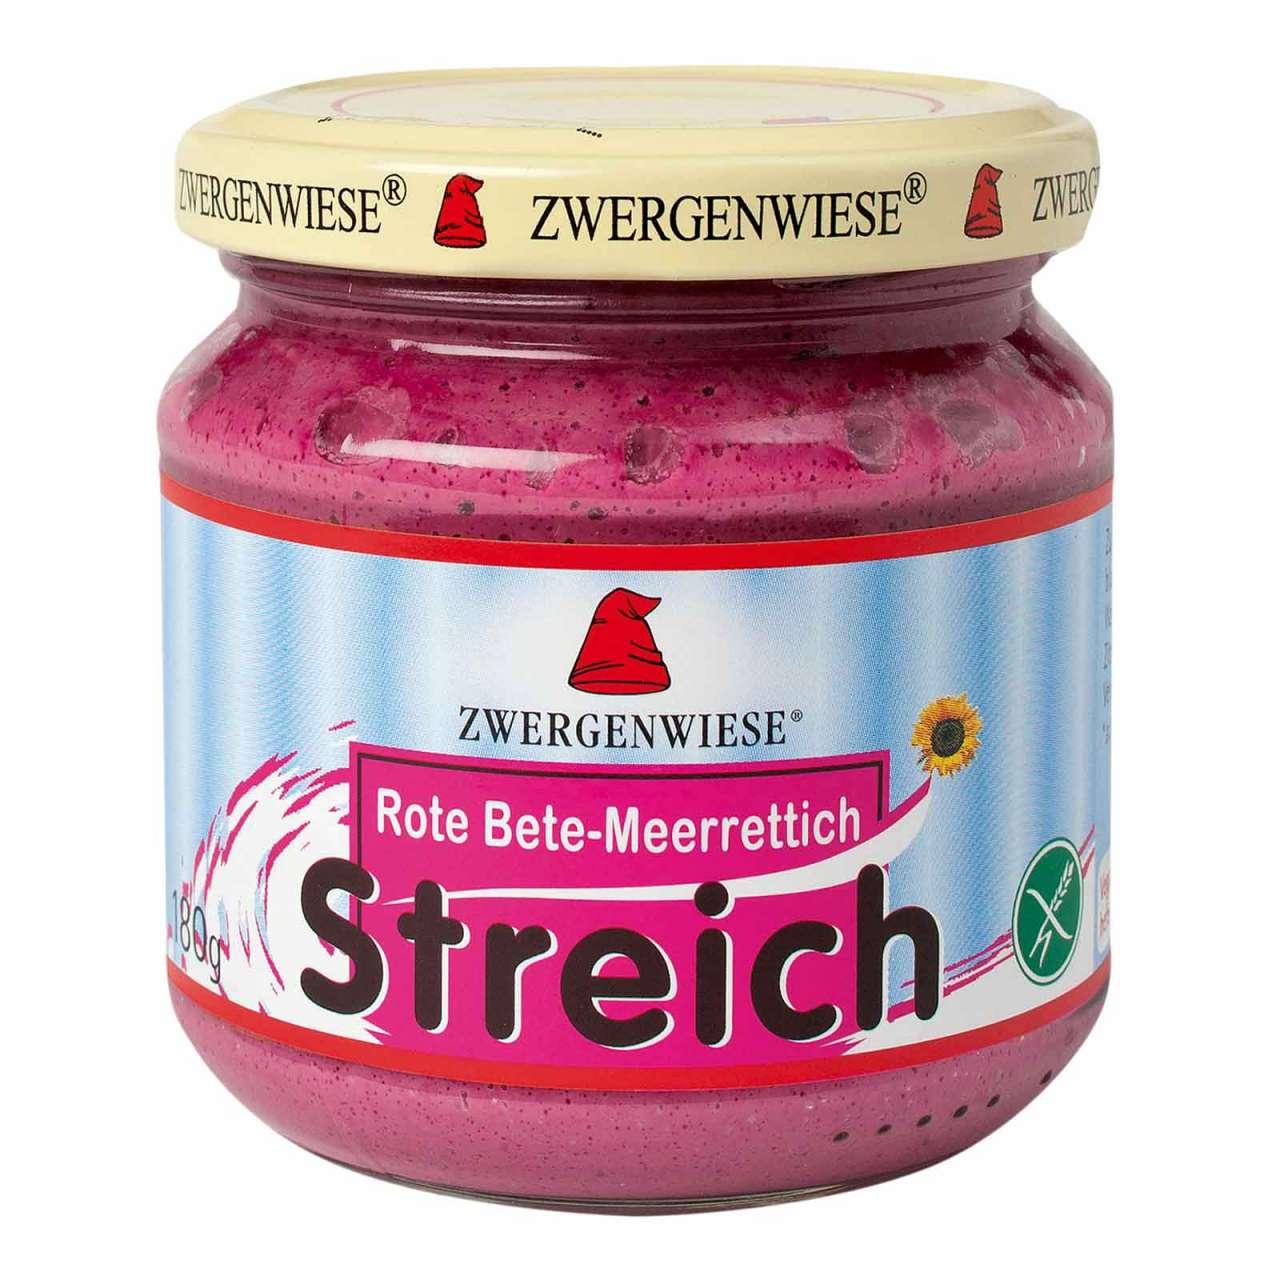 Angebotsbild für Zwergenwiese Bio-Brotaufstrich Meerrettich-Rote Bete ohne Gluten von PureNature